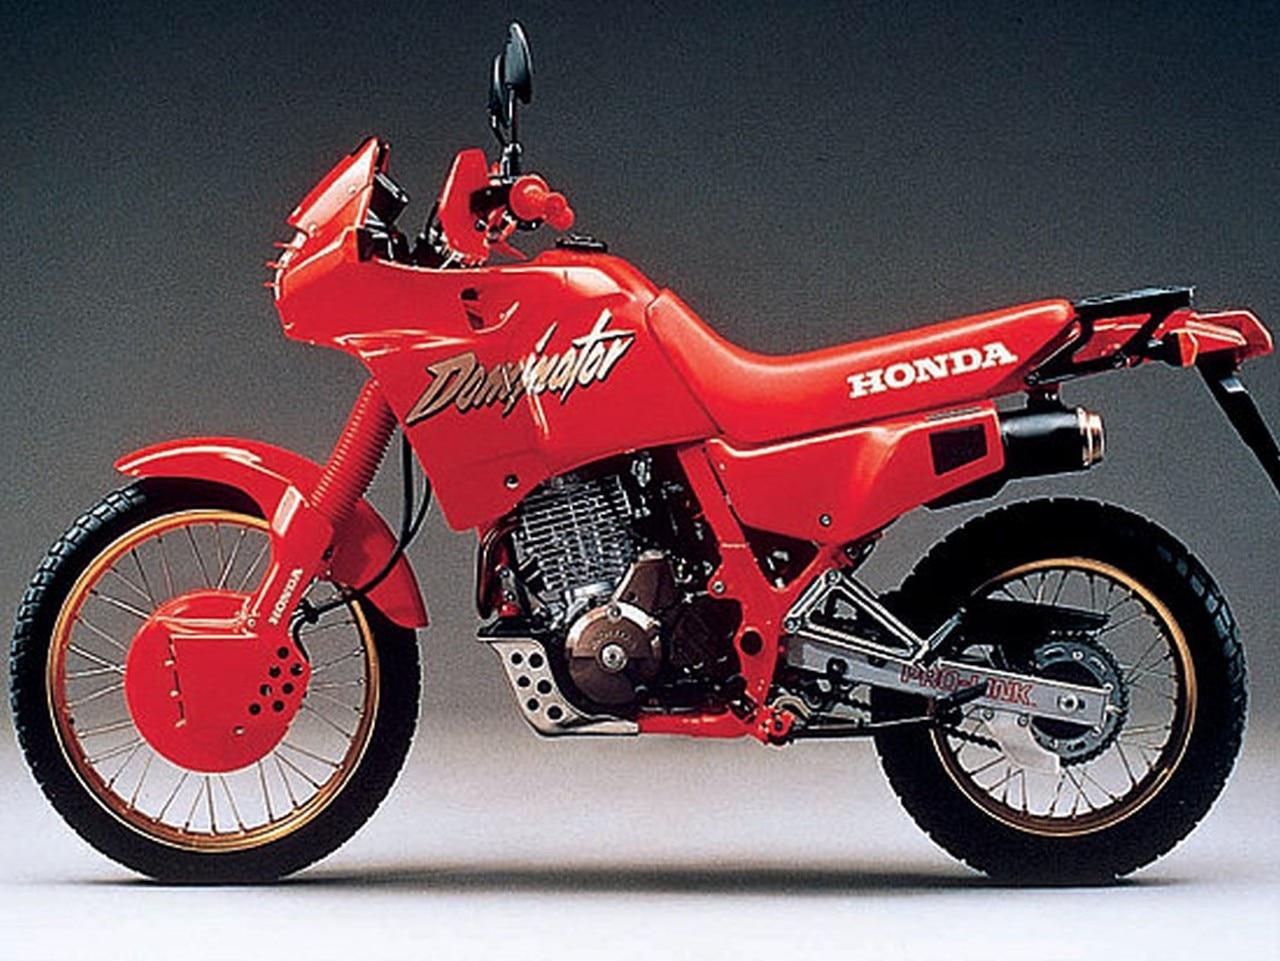 Honda Nx 650 Dominator Storia E Pubblicit U00e0